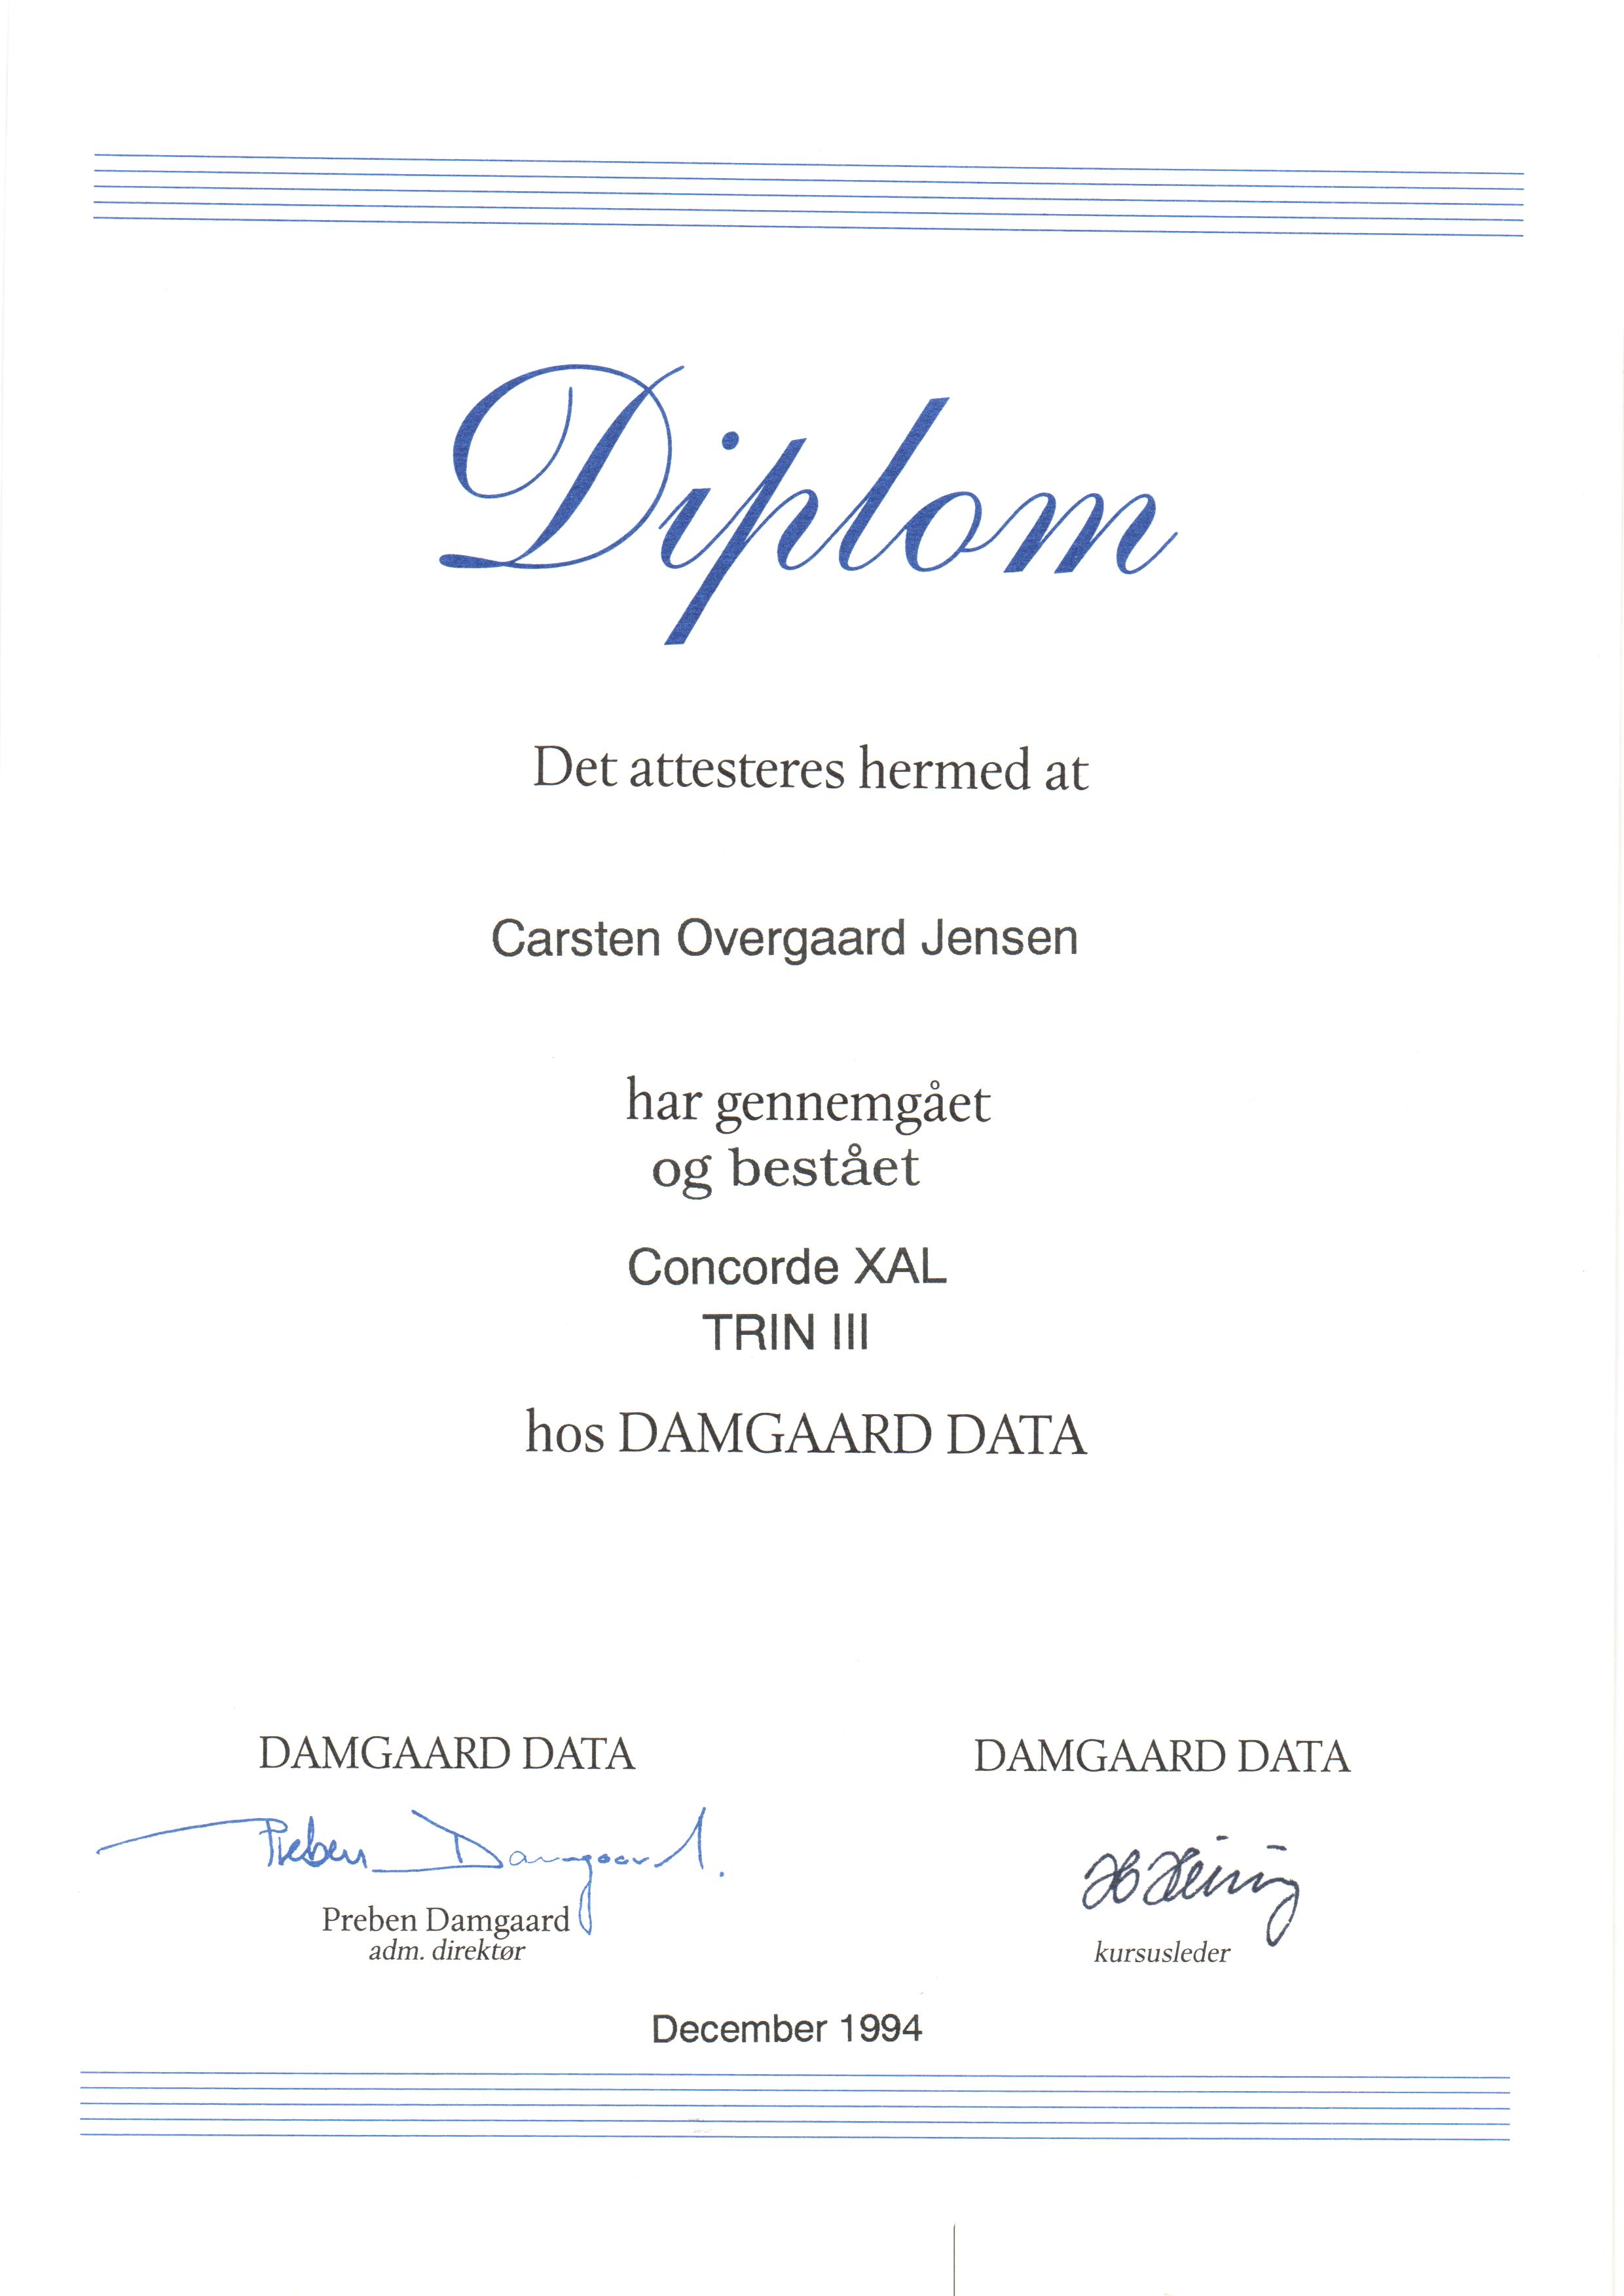 Certifikat: Concorde XAL trin III